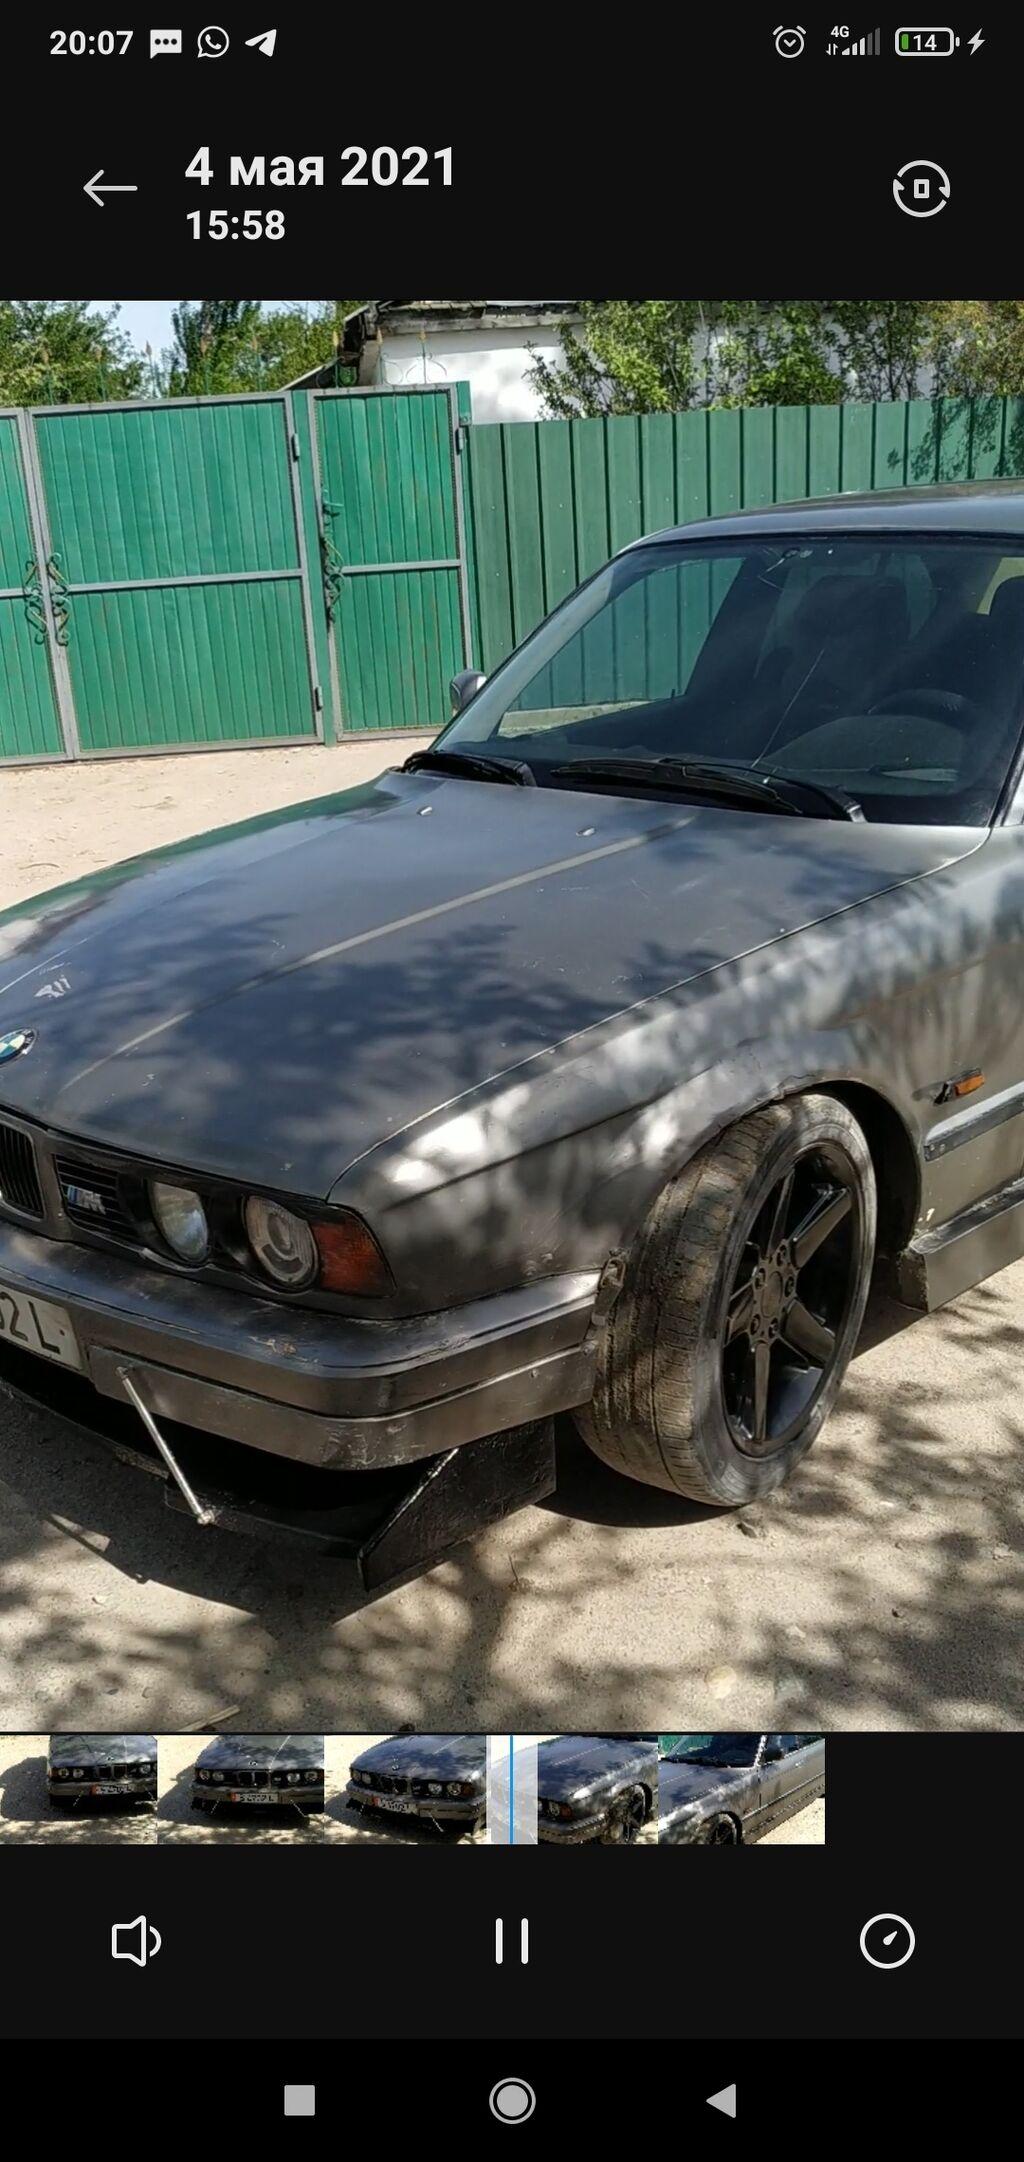 BMW 520 2.5 л. 1990 | 1000 км: BMW 520 2.5 л. 1990 | 1000 км